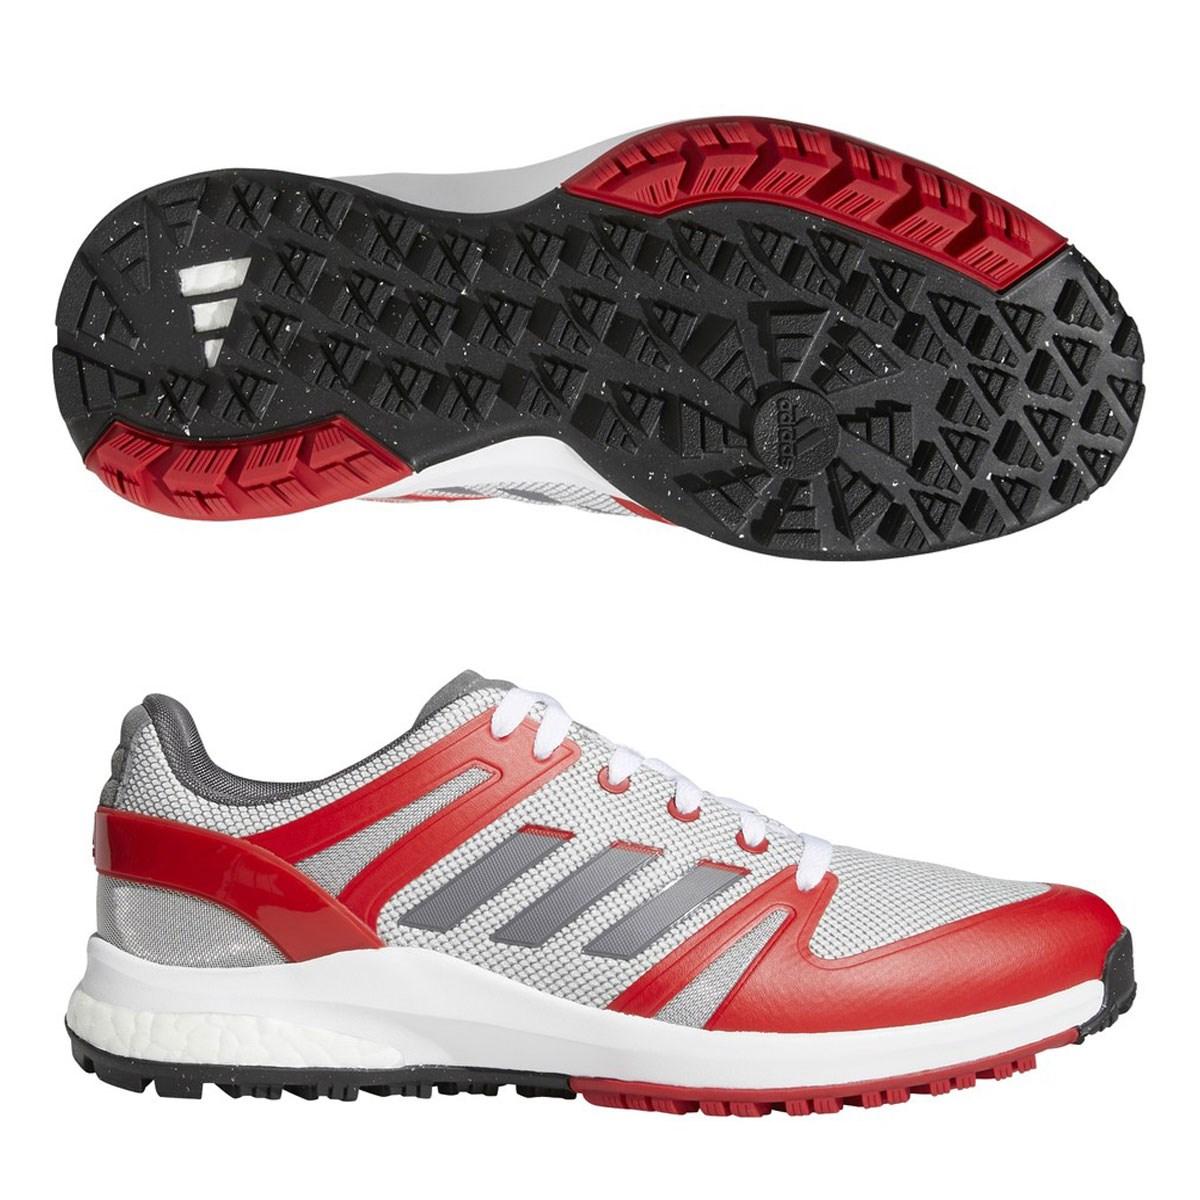 アディダス Adidas EQTスパイクレスシューズ 24.5cm フットウェアホワイト/グレーフォー/スカーレット